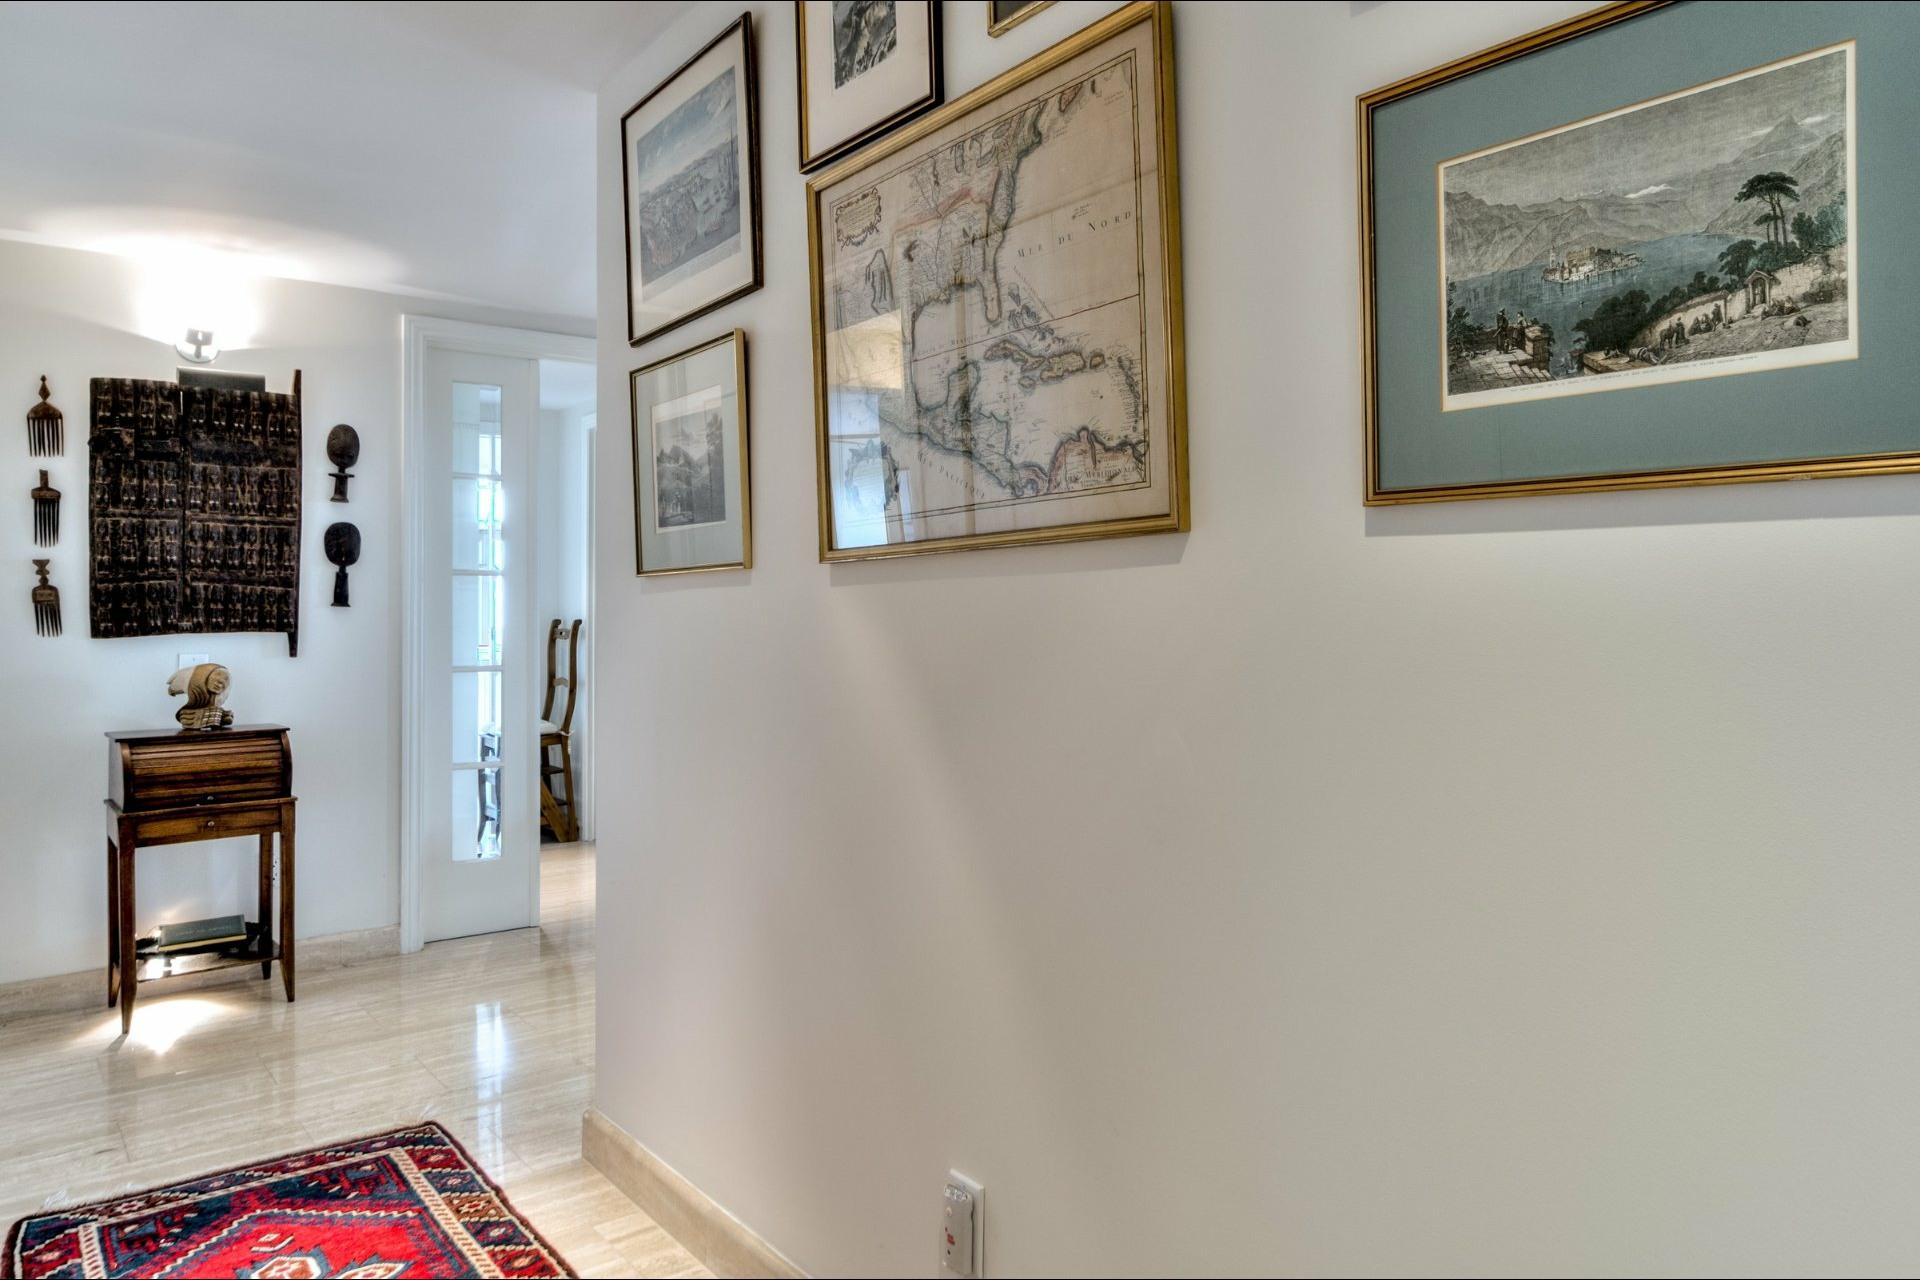 image 18 - Appartement À vendre Côte-des-Neiges/Notre-Dame-de-Grâce Montréal  - 12 pièces